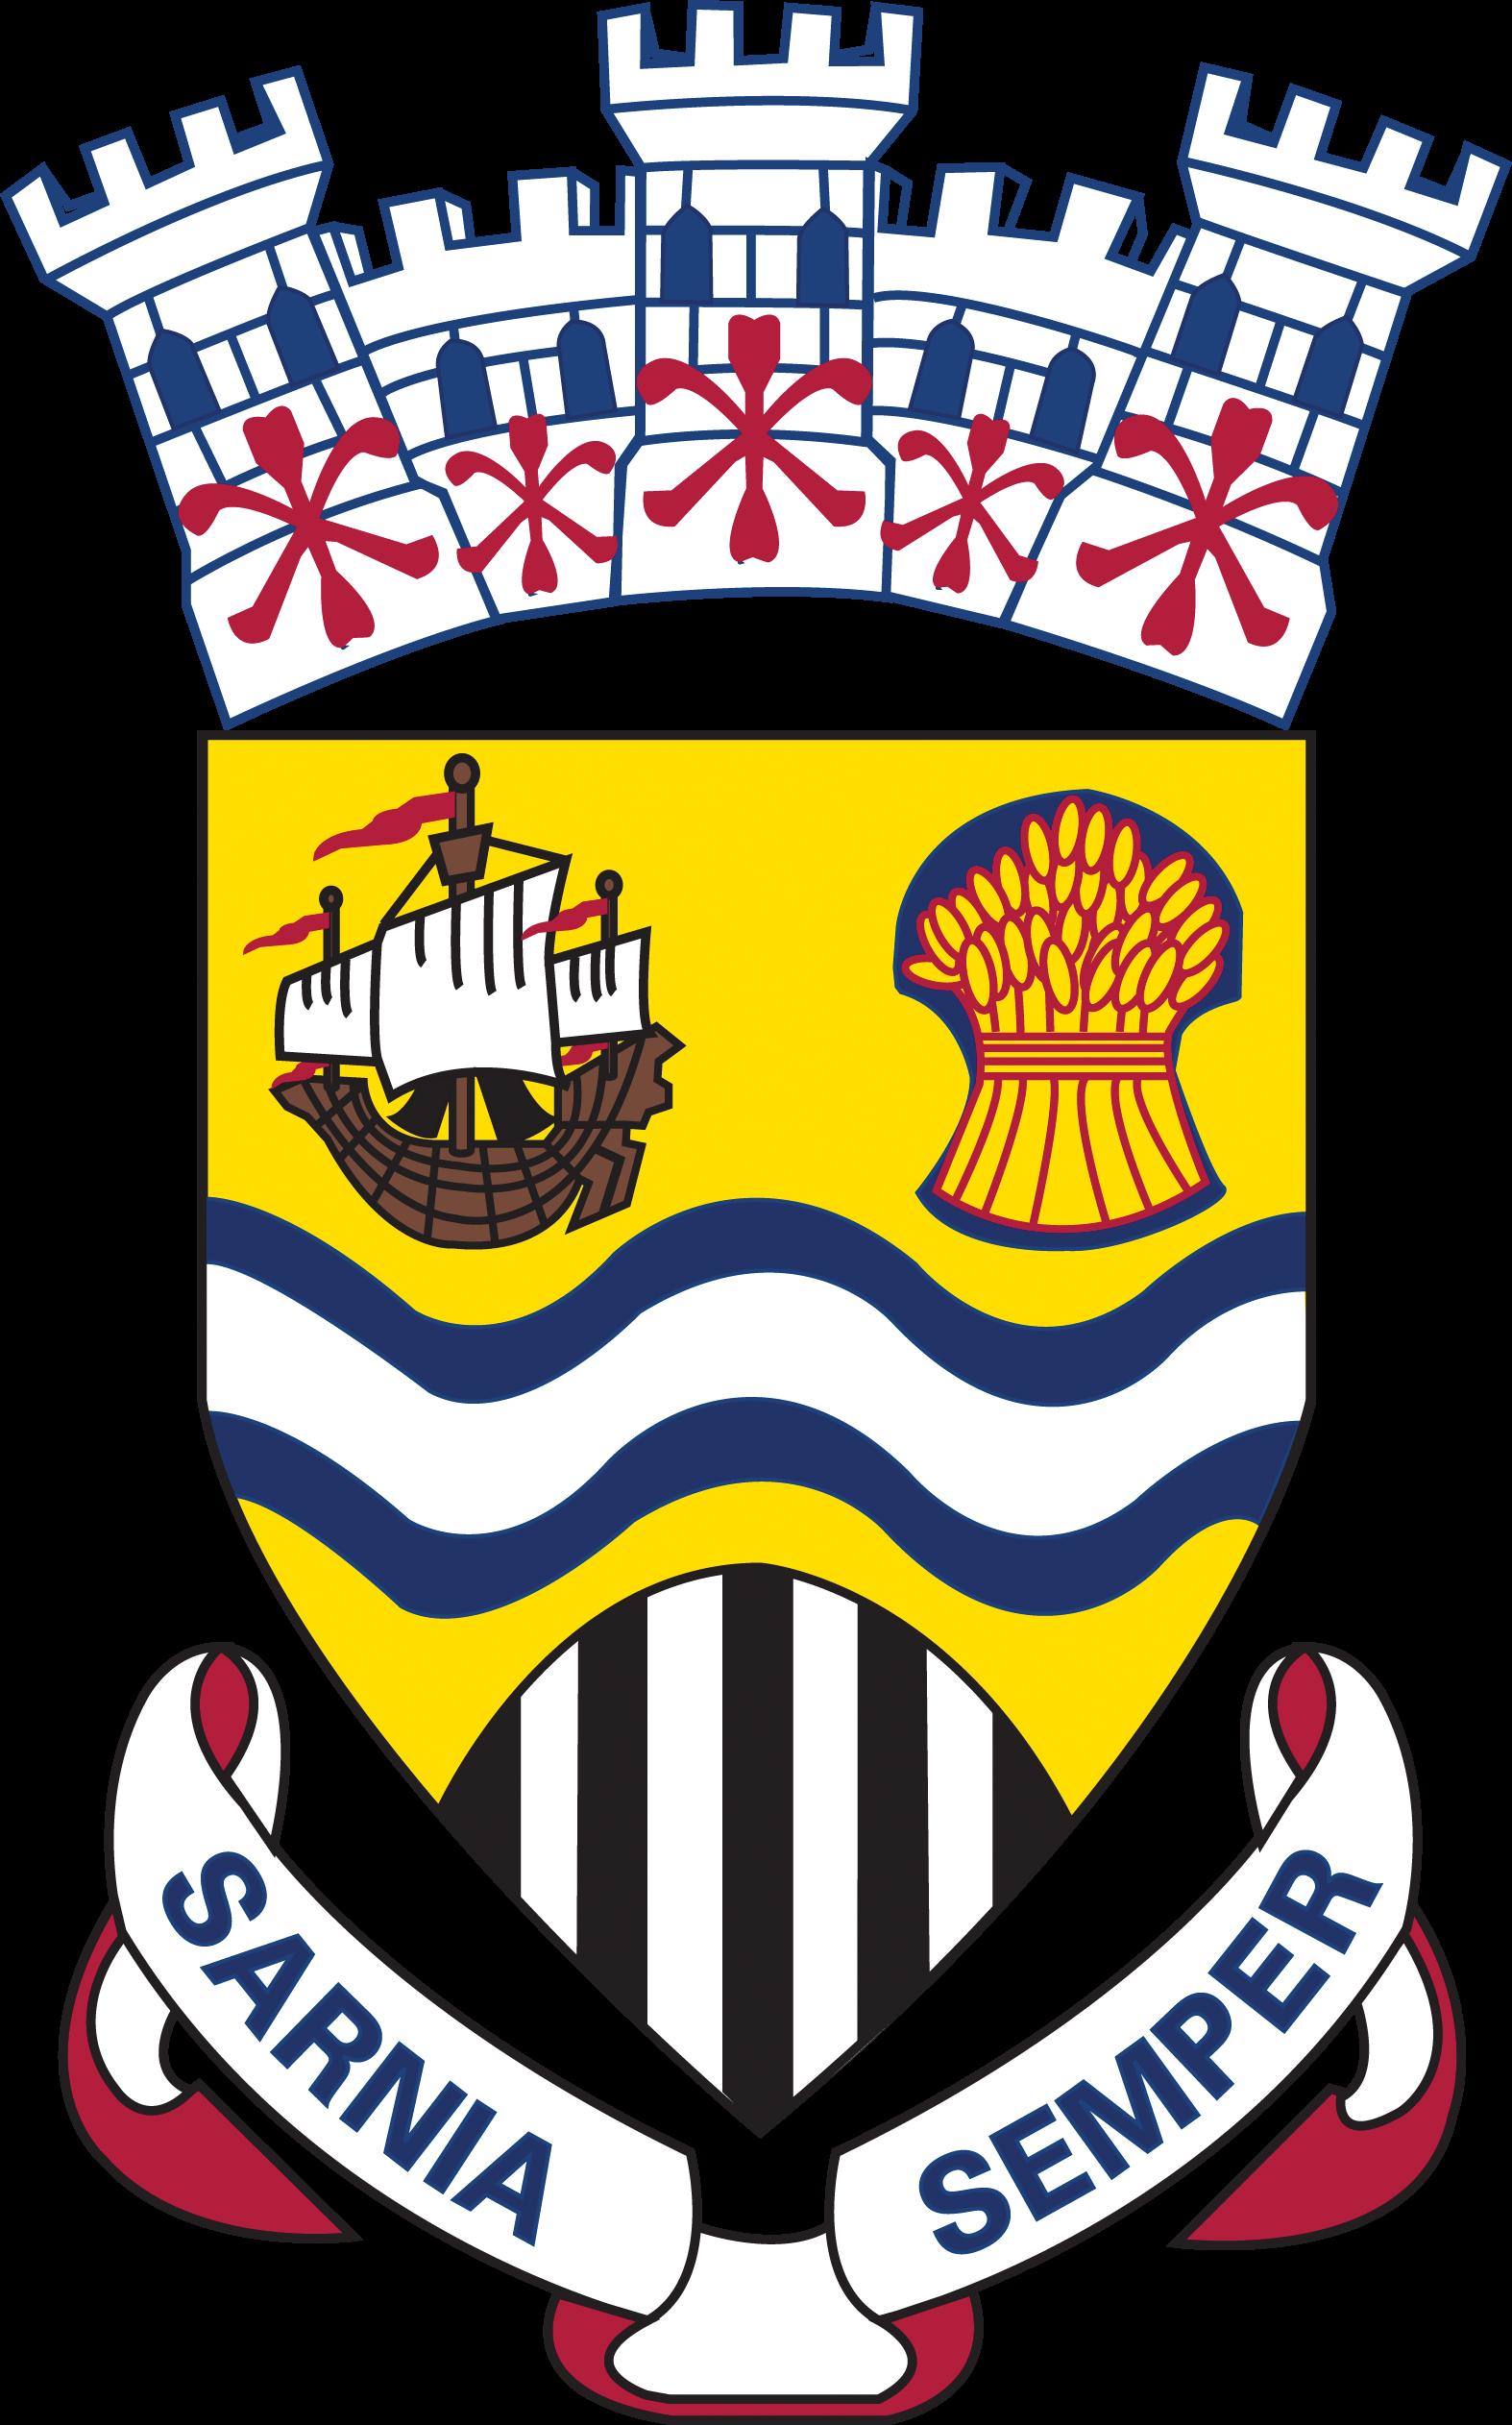 City of Sarnia logo